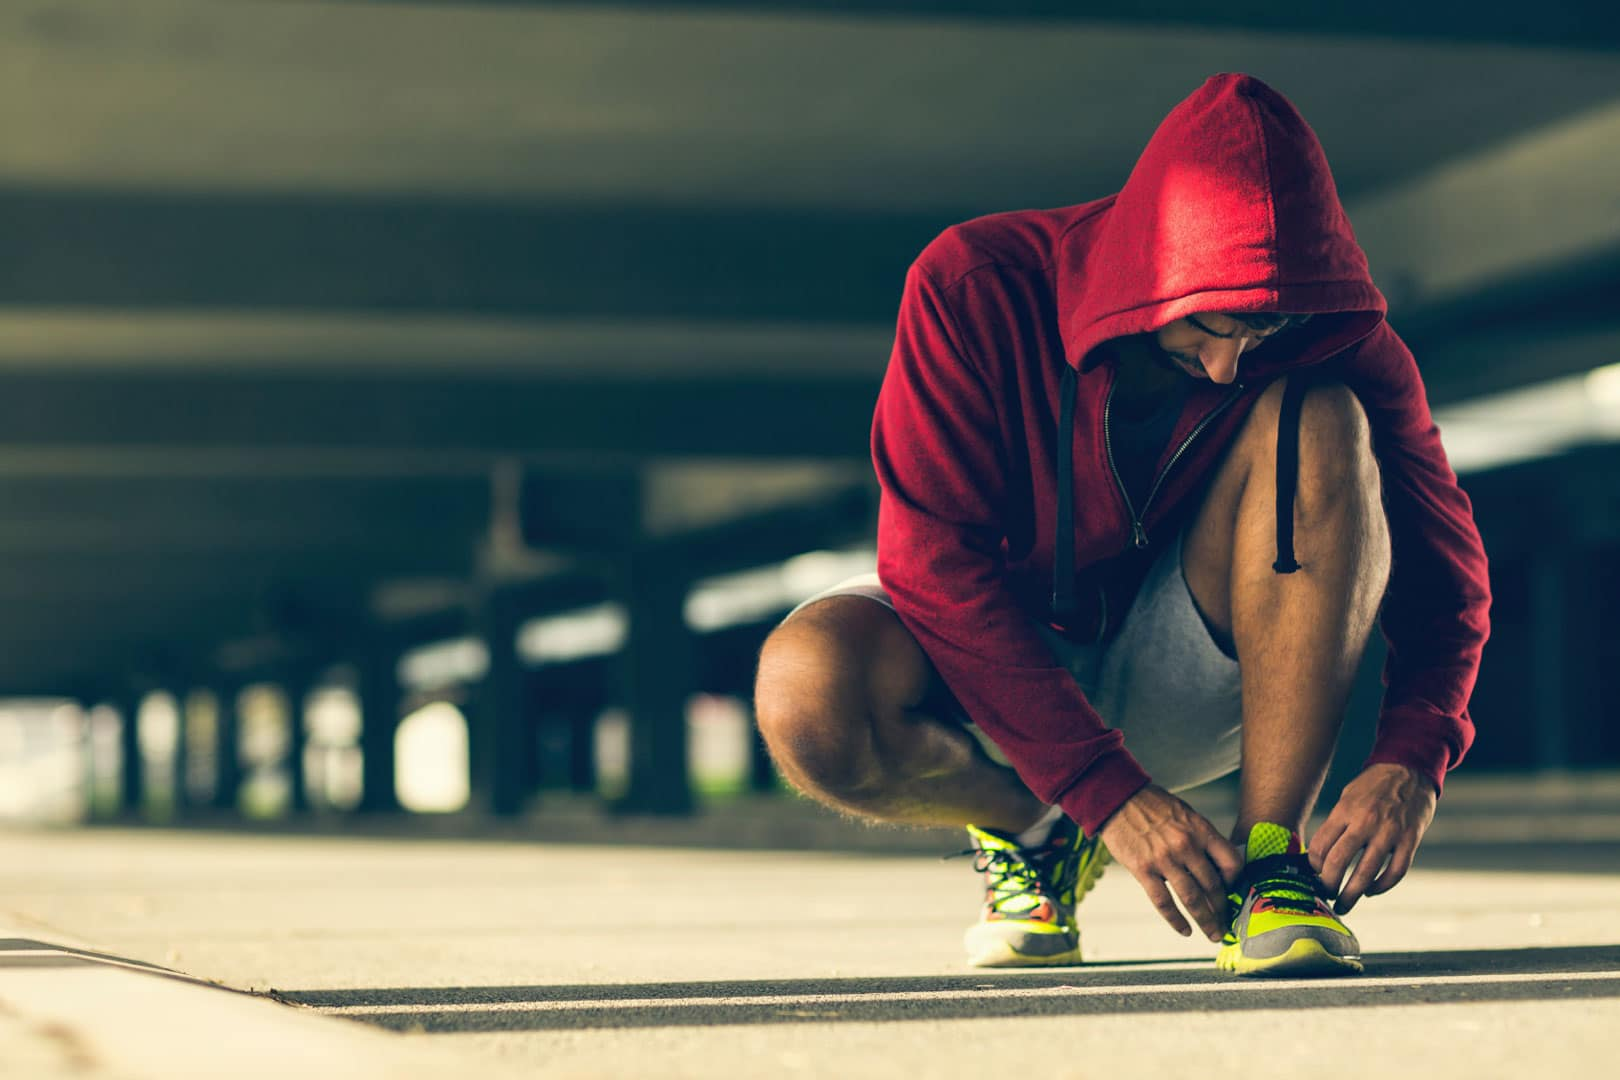 Le persone che amano correre conoscono le tre grandi categorie di corridori: il runner amatore, quello agonista e il jogger. Non sai a qualche categoria appartieni? Scoprilo leggendo questa guida.